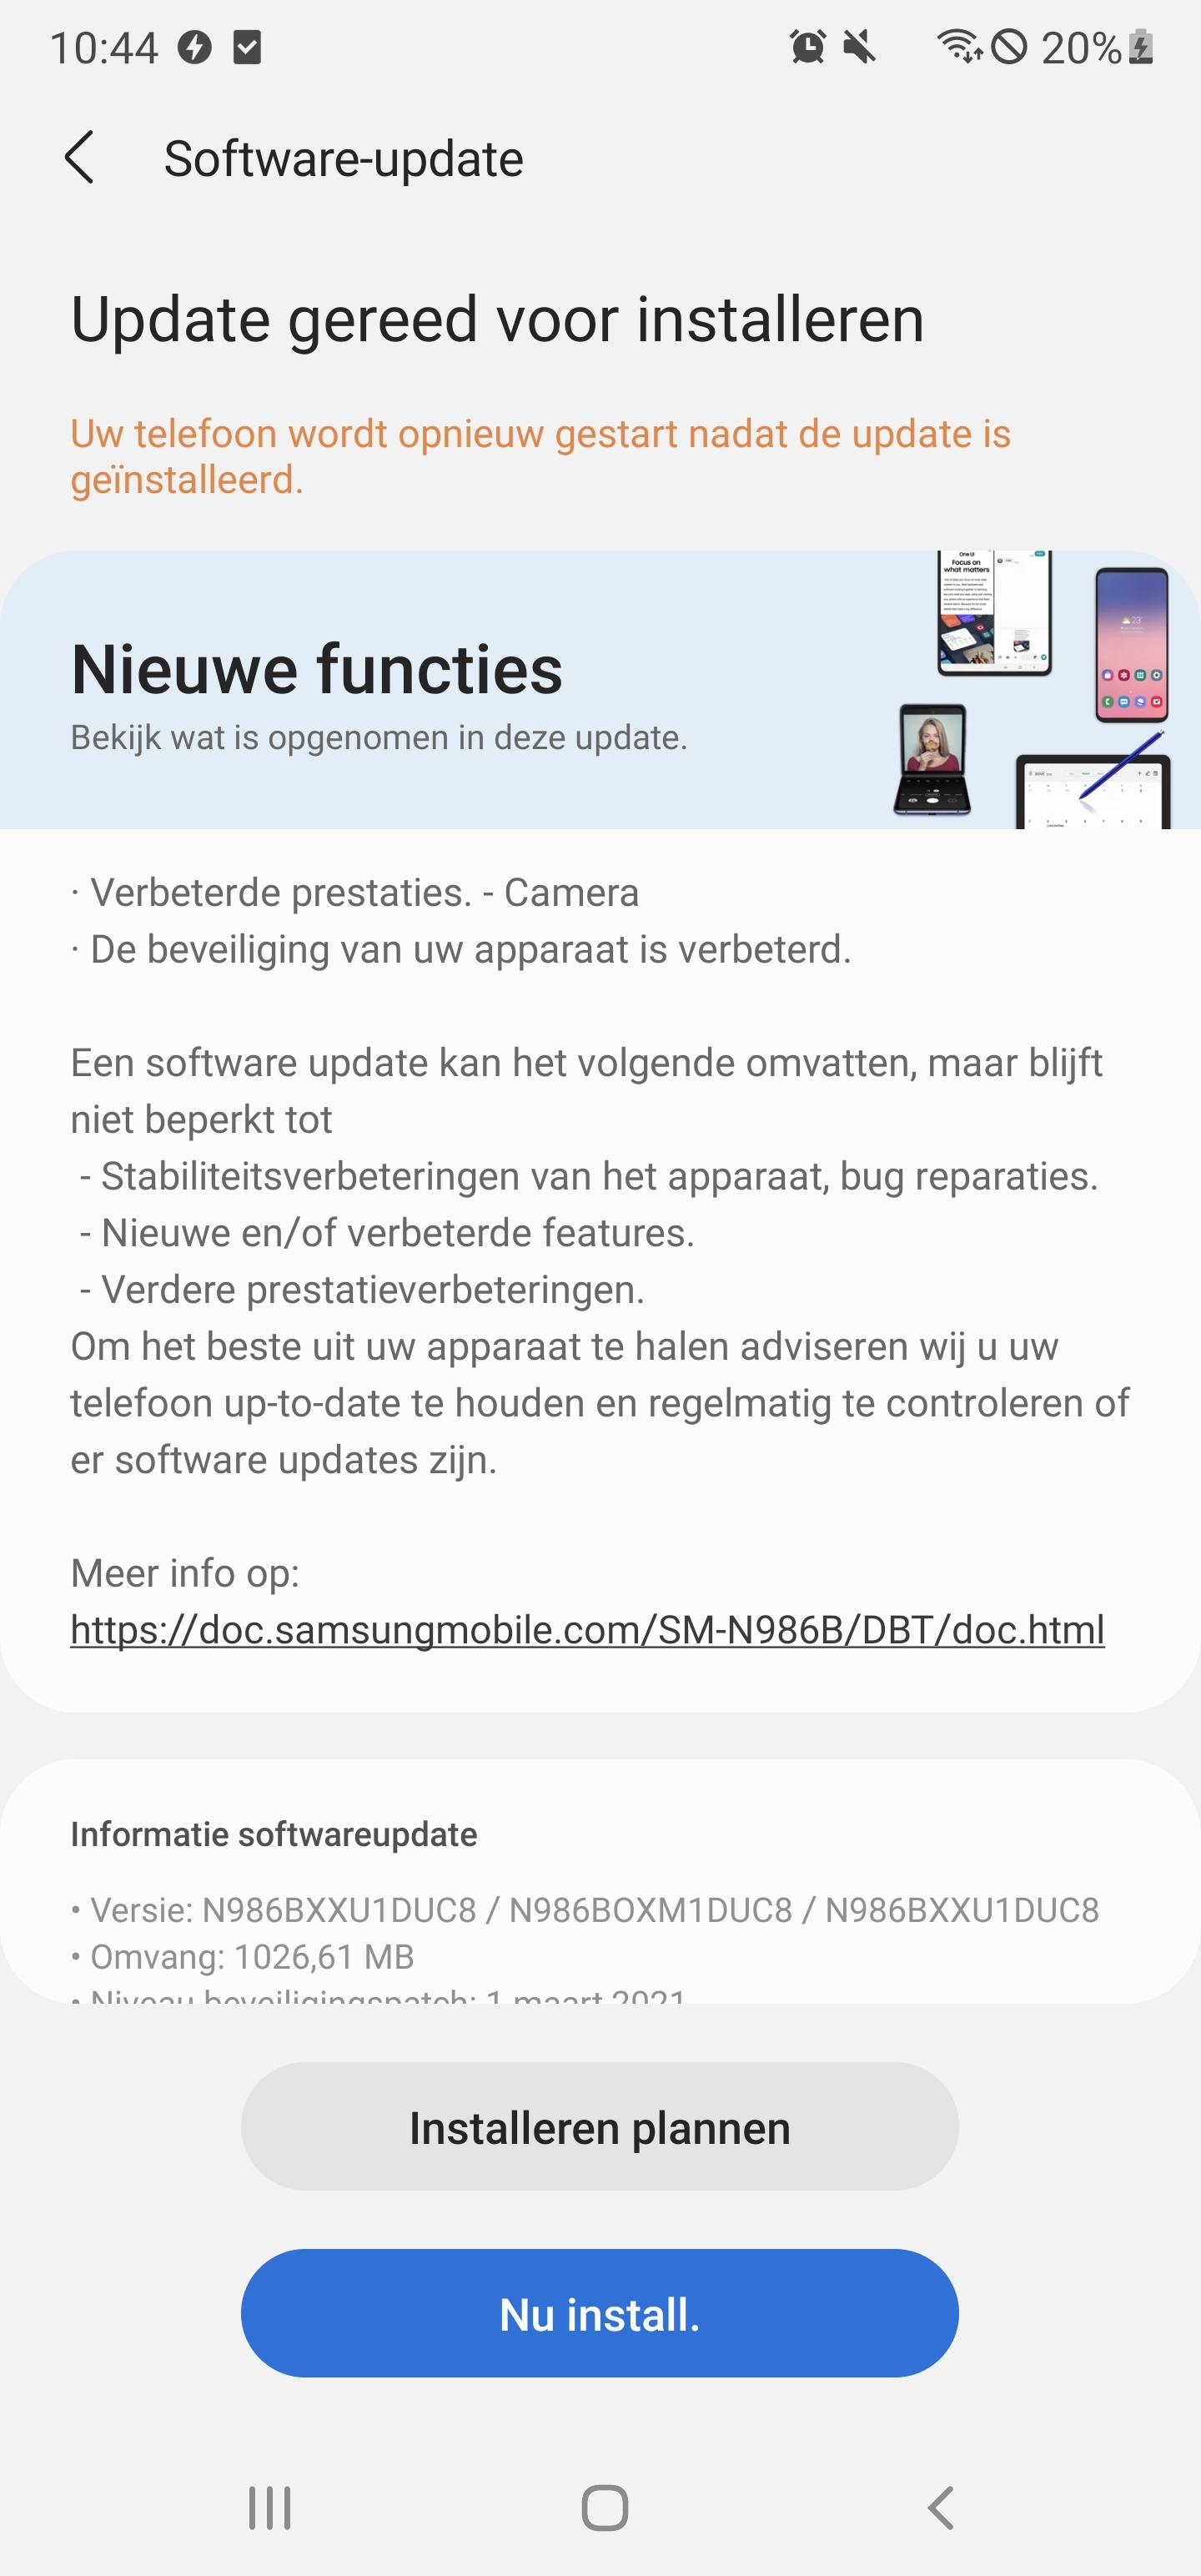 Screenshot_20210319-104422_Software update.jpg